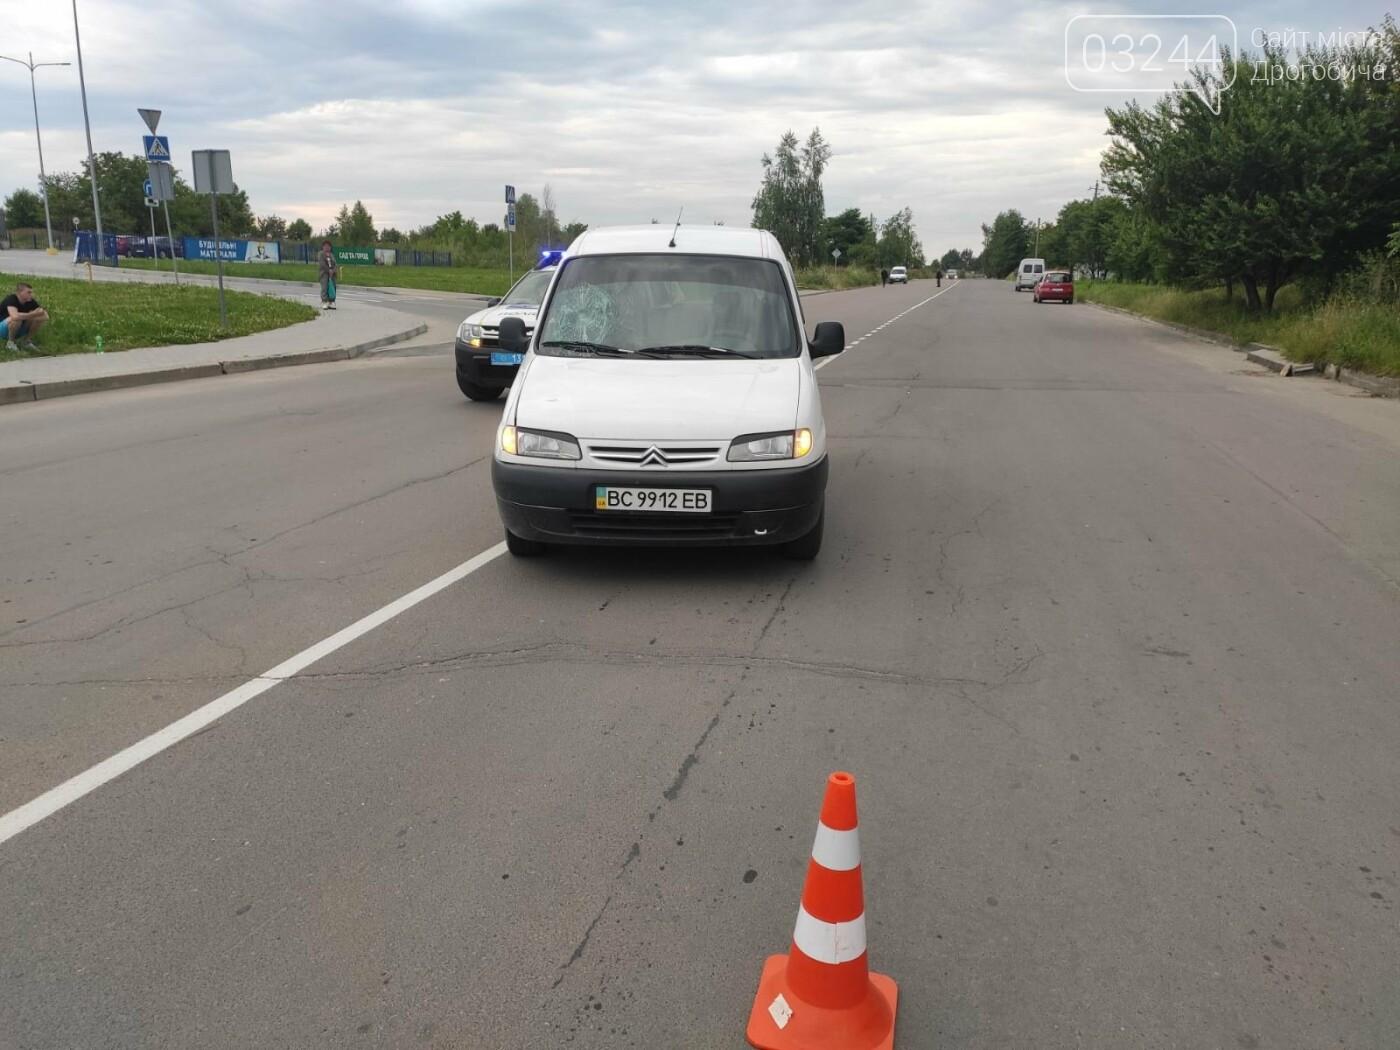 У Дрогобичі 12-річний велосипедист потрапив під авто, - ФОТО, фото-1